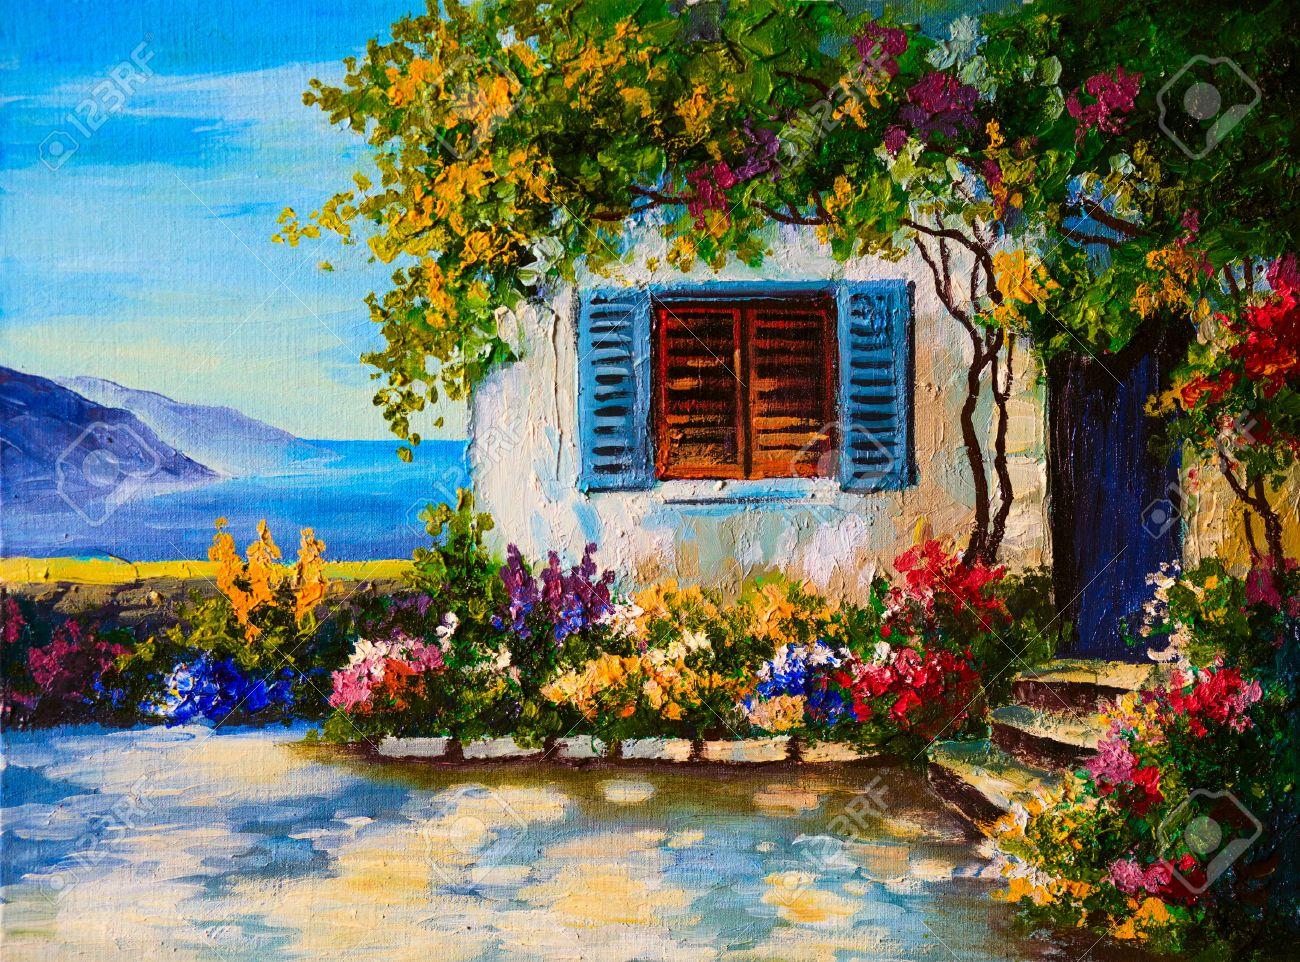 Banque Du0027images   Peinture à Lu0027huile Sur Toile Du0027une Belle Maison Près De  La Mer, Dessin Abstrait